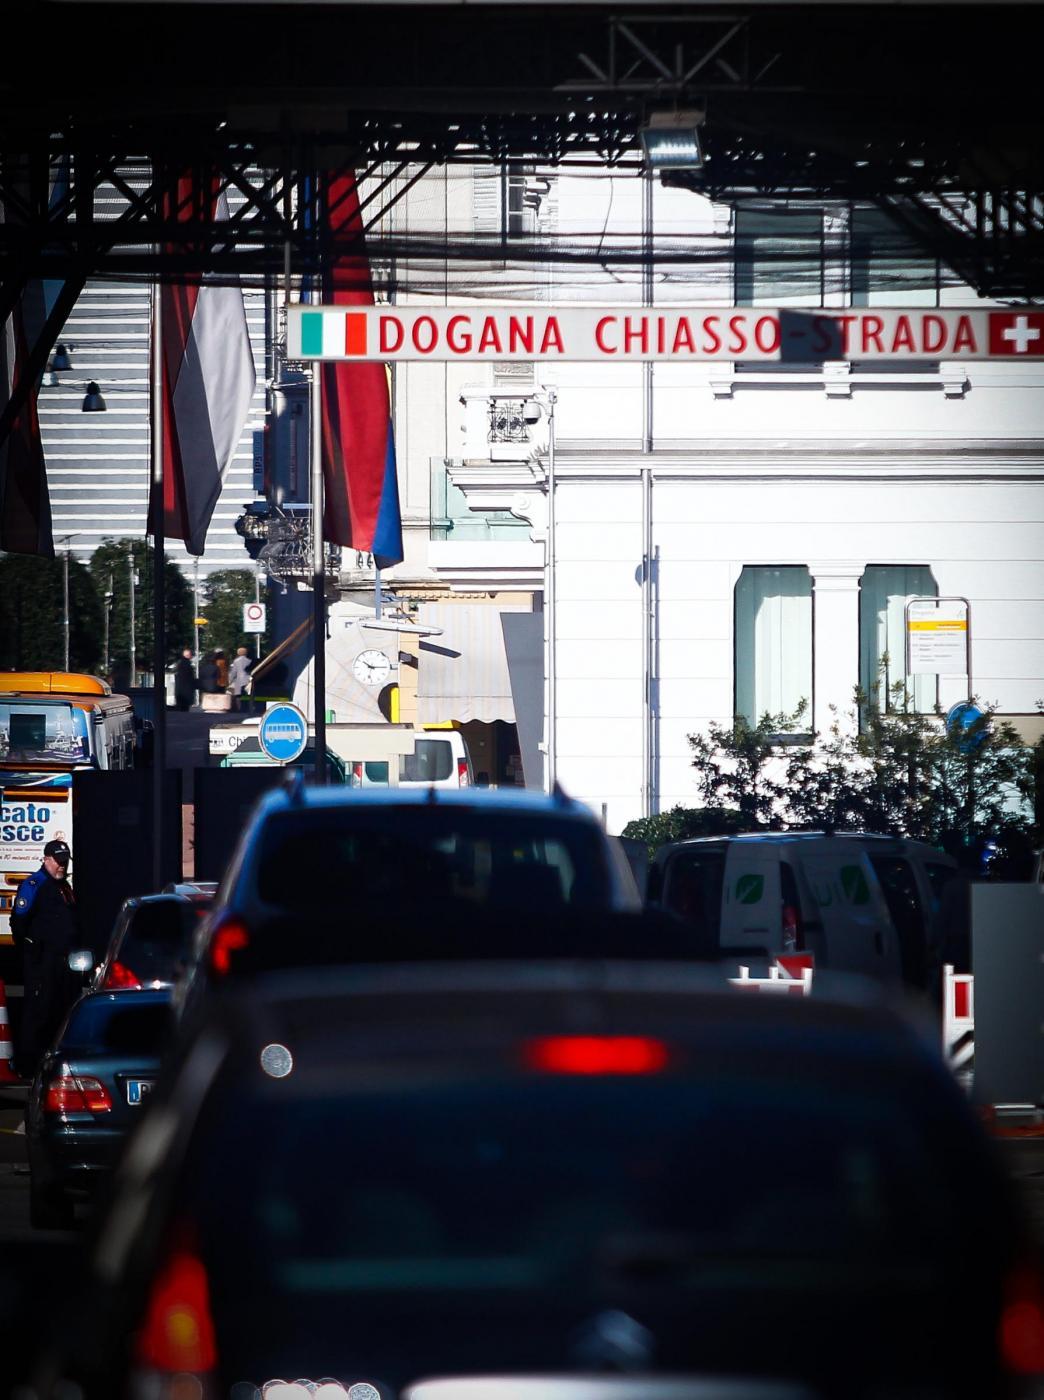 Svizzera, frontalieri italiani respinti alle frontiere: per loro gli immigrati siamo noi